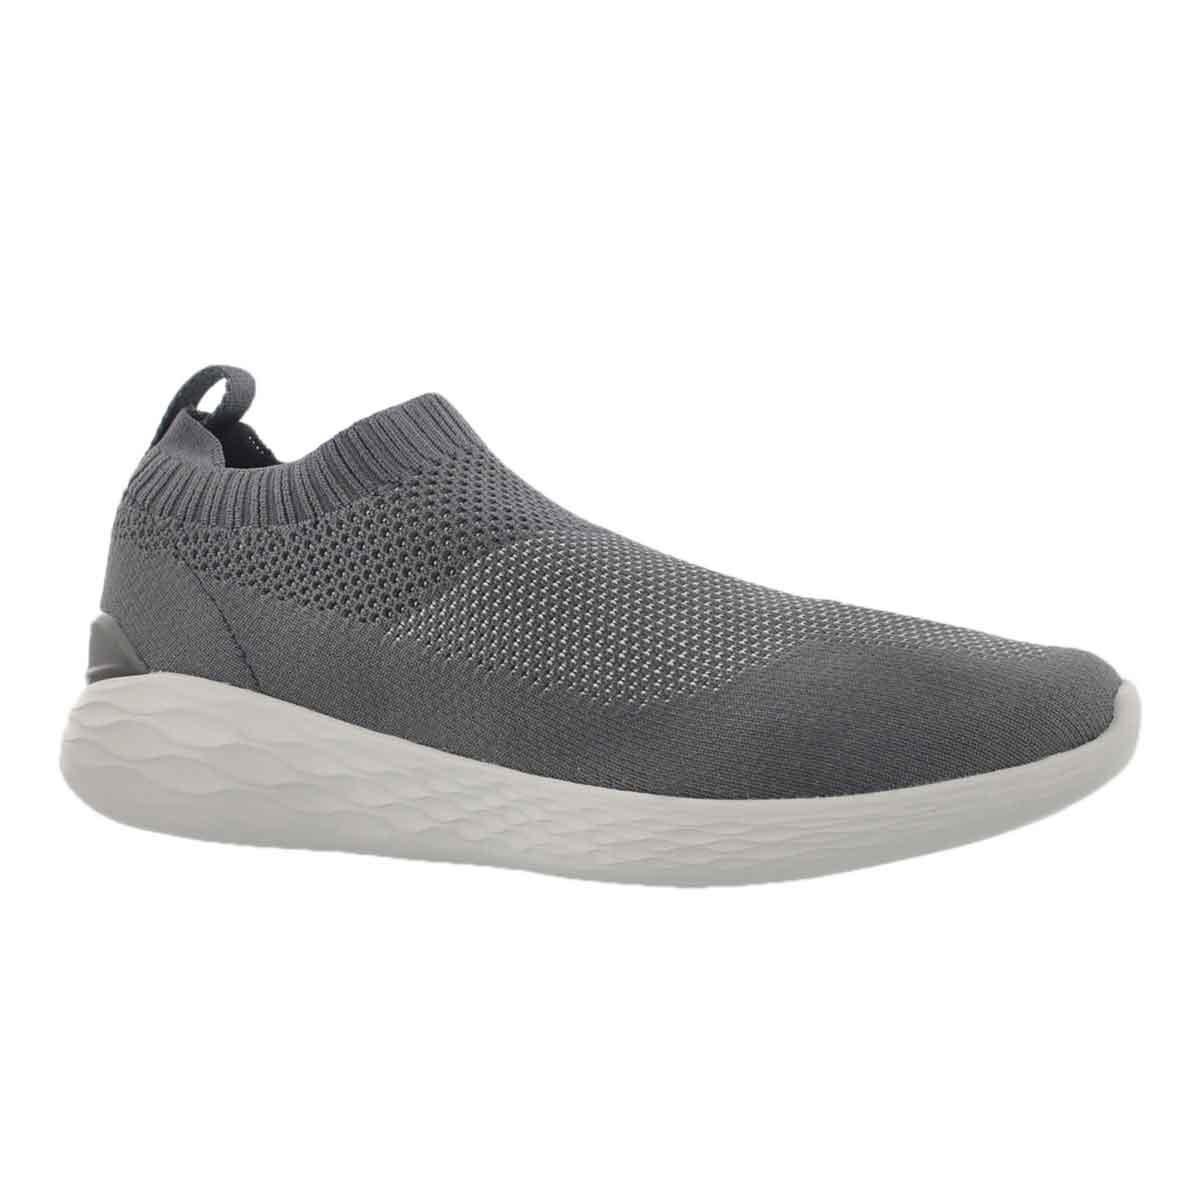 Men's GO STRIKE charcoal slip on shoes